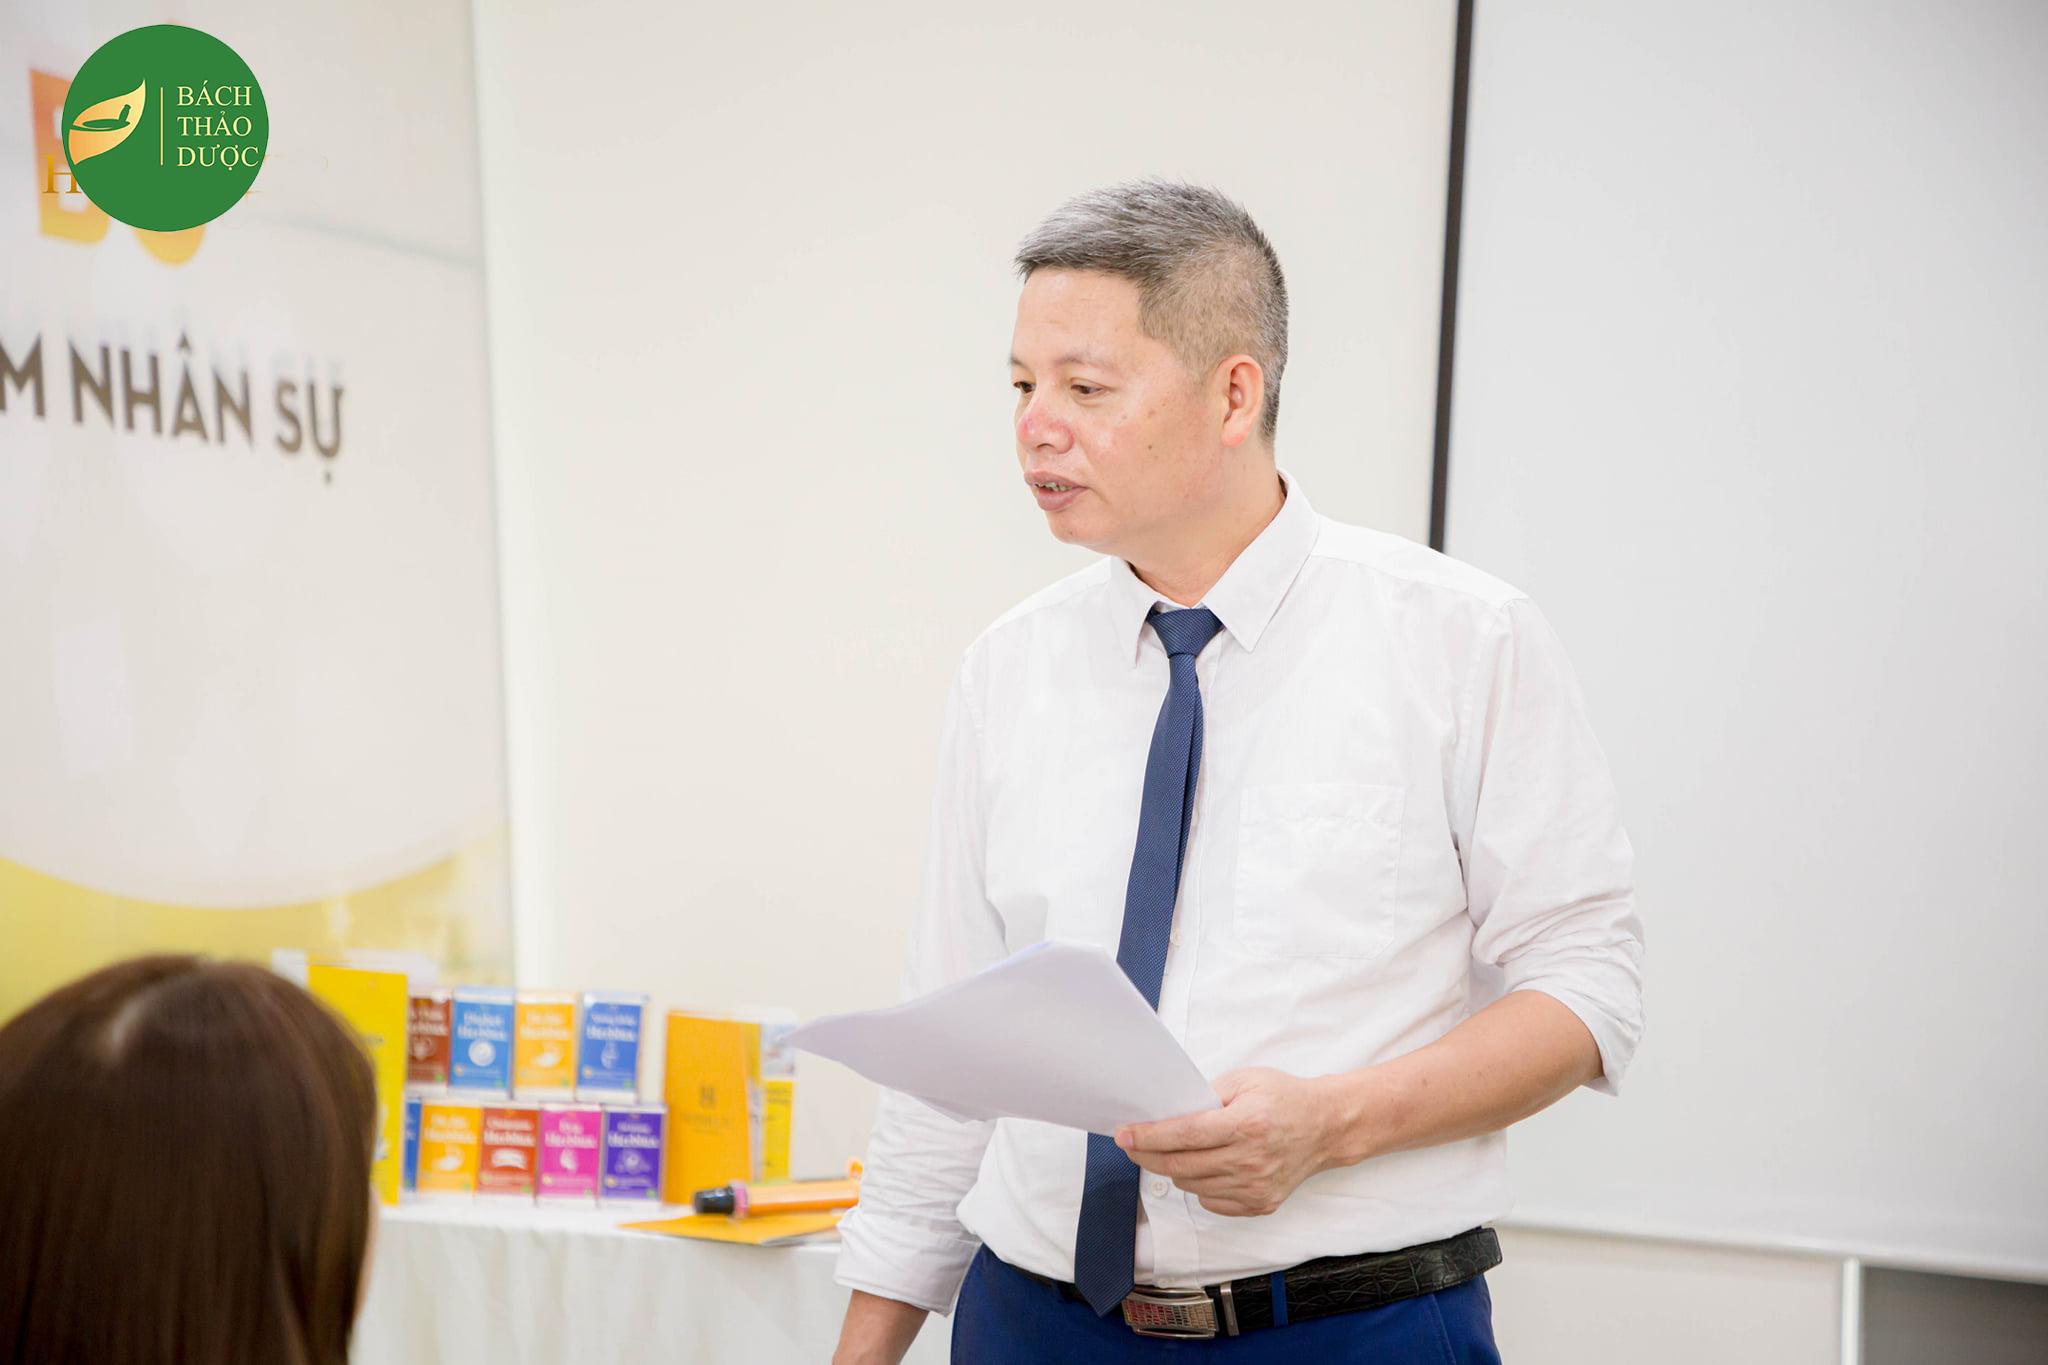 Tổng Giám đốc Công ty TNHH Bách Thảo Dược - BS Phạm Văn Thọ - Vị thuyền trưởng tài ba đưa con thuyền Bách Thảo Dược vươn ra biển lớn